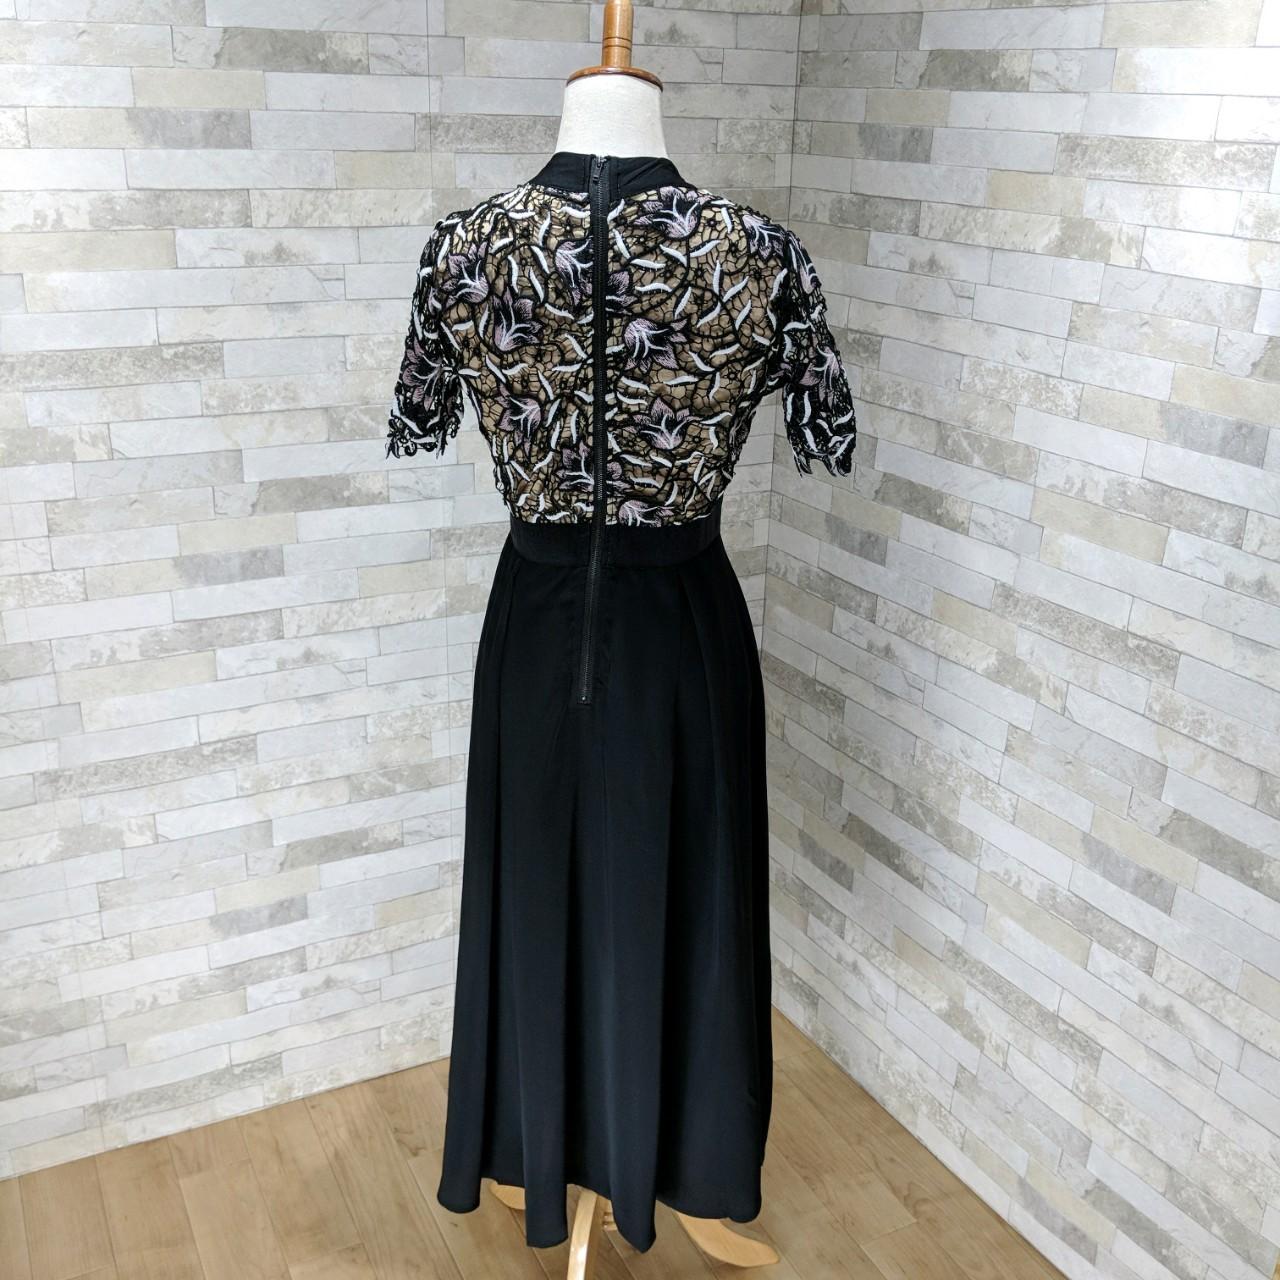 【即納】韓国 ファッション ワンピース パーティードレス ロング マキシ 夏 春 秋 パーティー ブライダル SPTX5151 結婚式 お呼ばれ ドッキング 花柄レース ロン 二次会 セレブ きれいめの写真15枚目